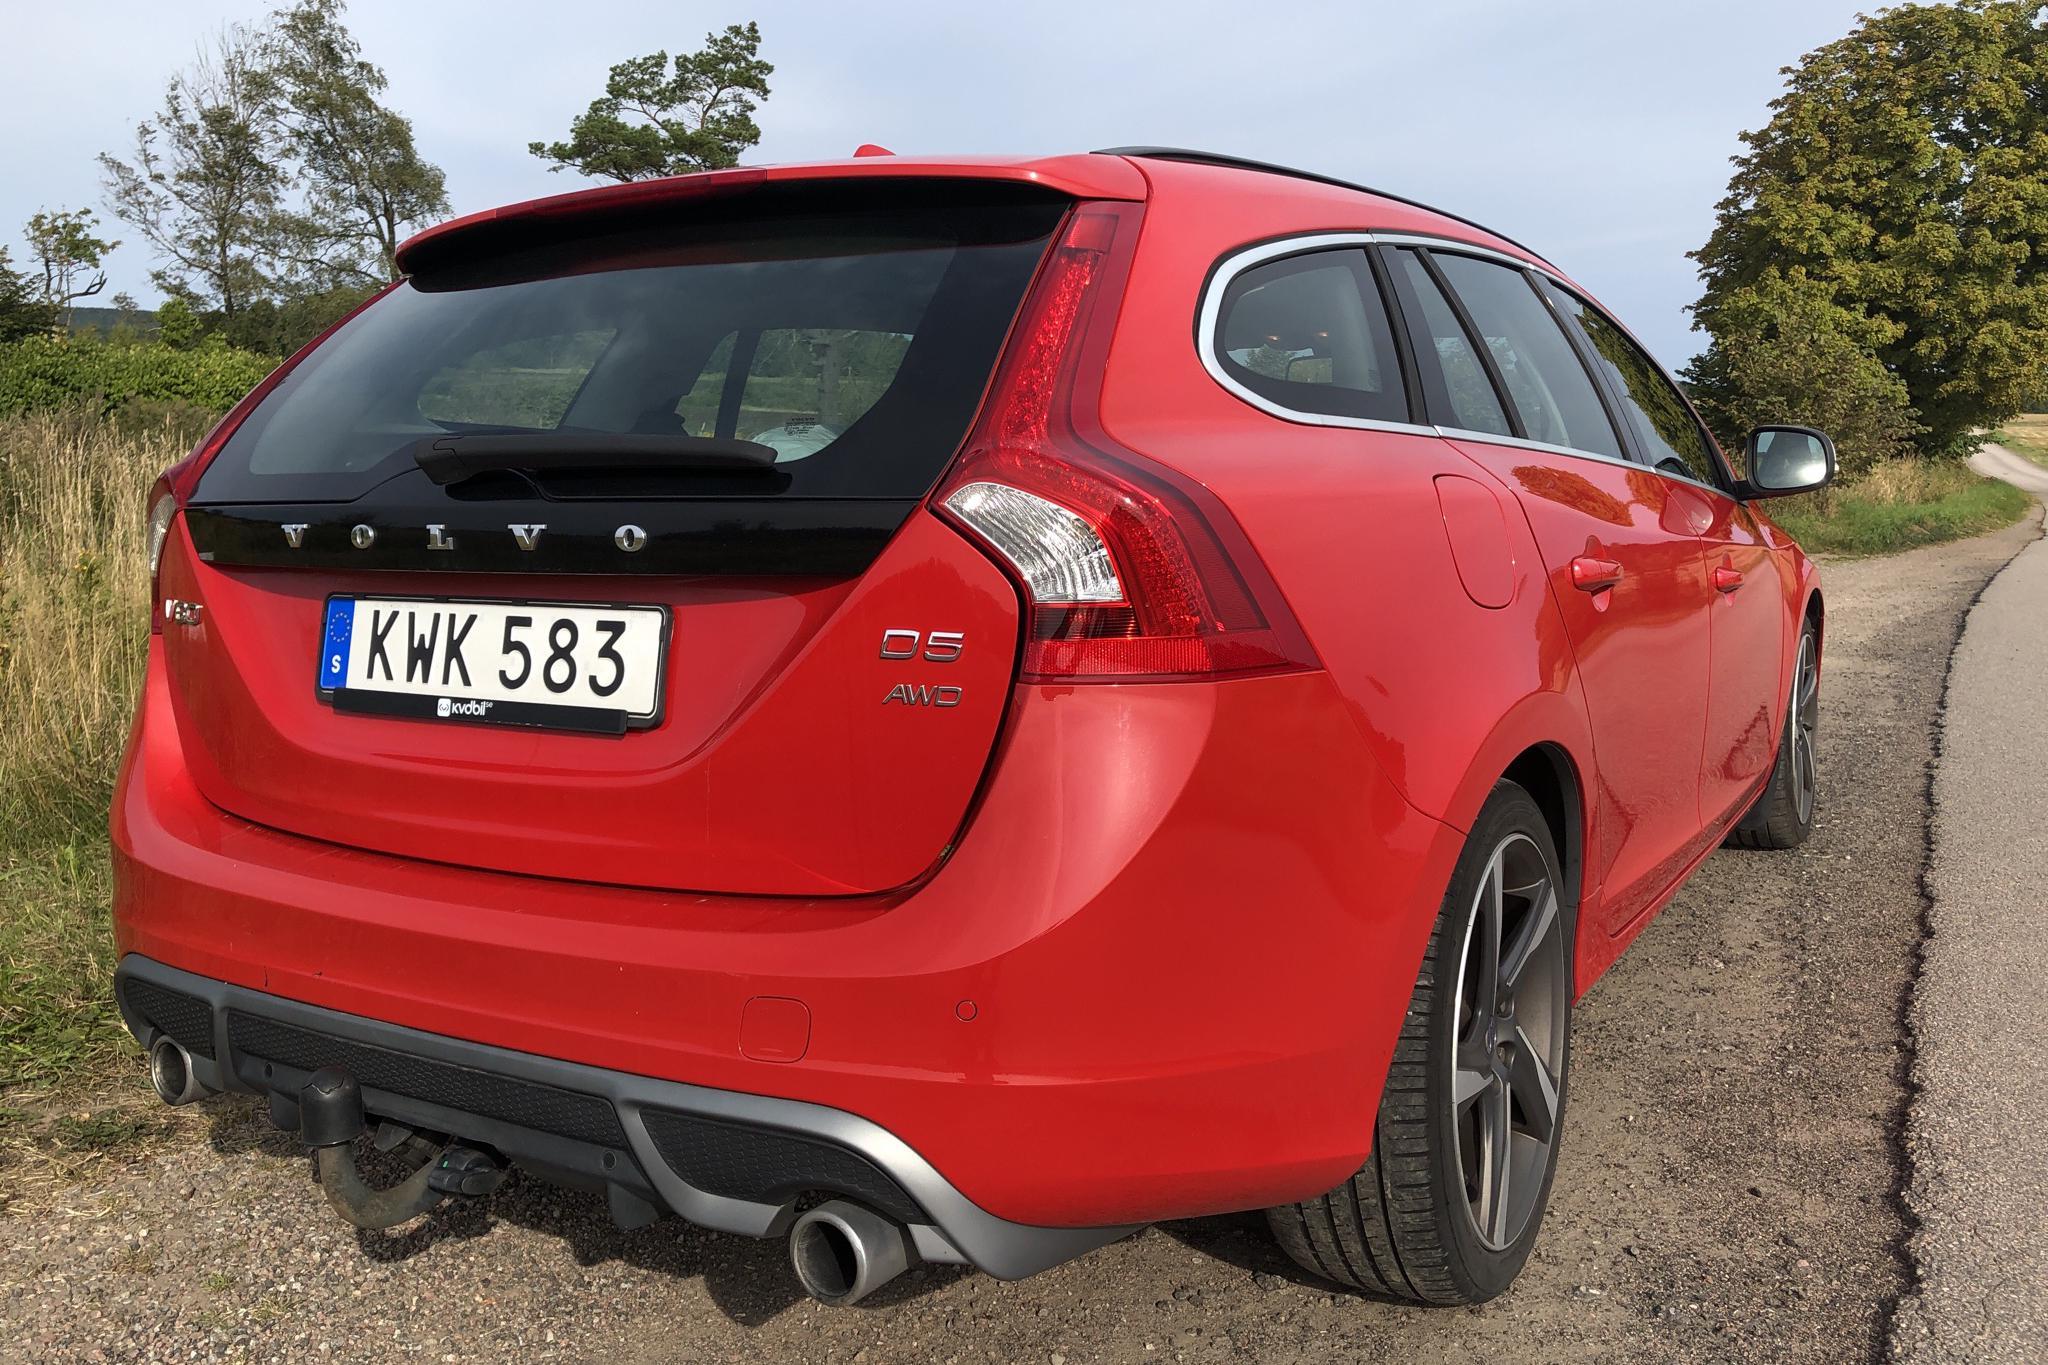 Volvo V60 D5 AWD (215hk) - 23 841 mil - Automat - röd - 2012